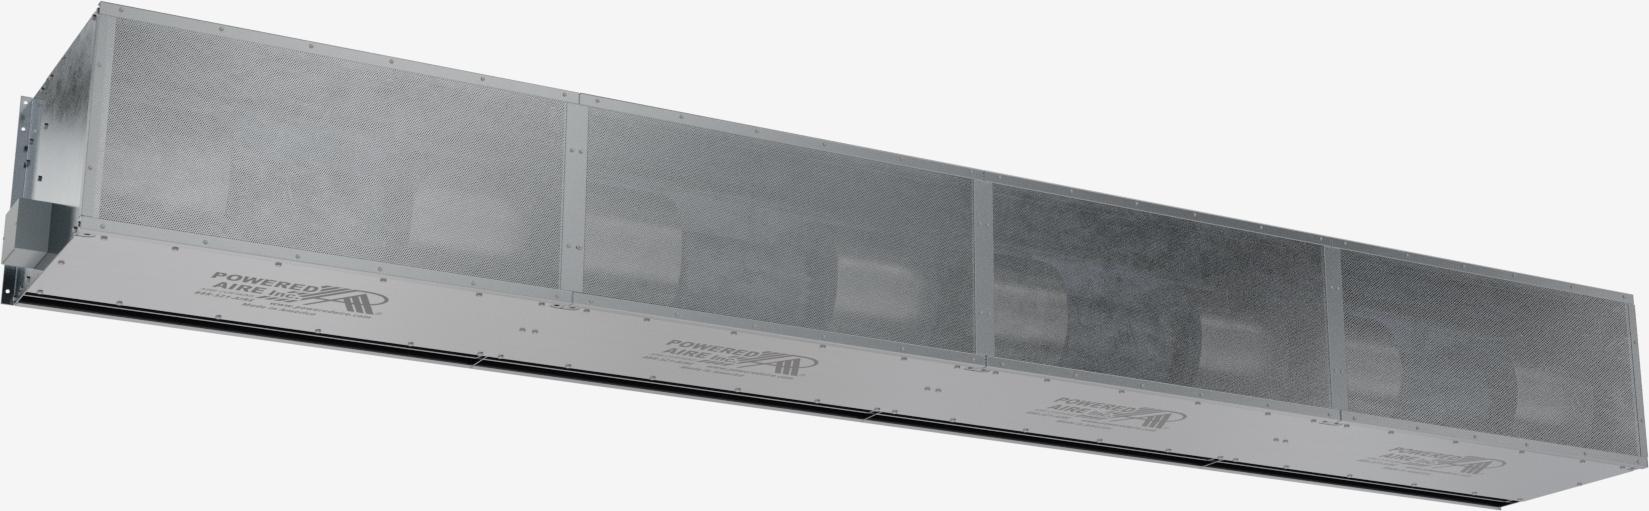 TFD-4-156 Air Curtain